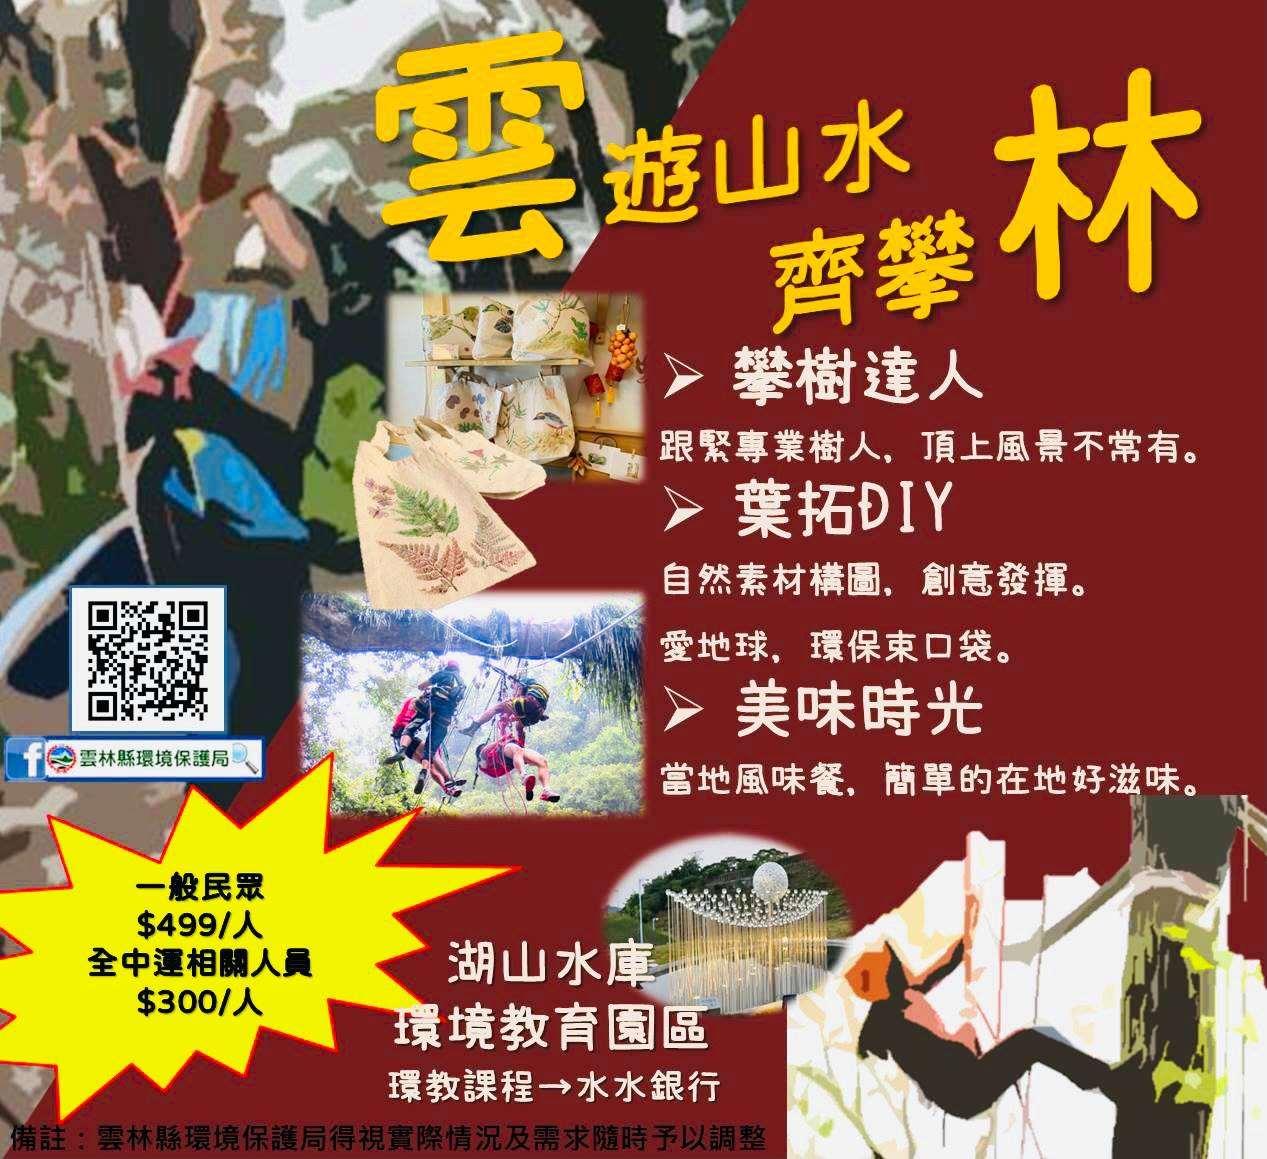 雲林縣環境輕旅行路線002